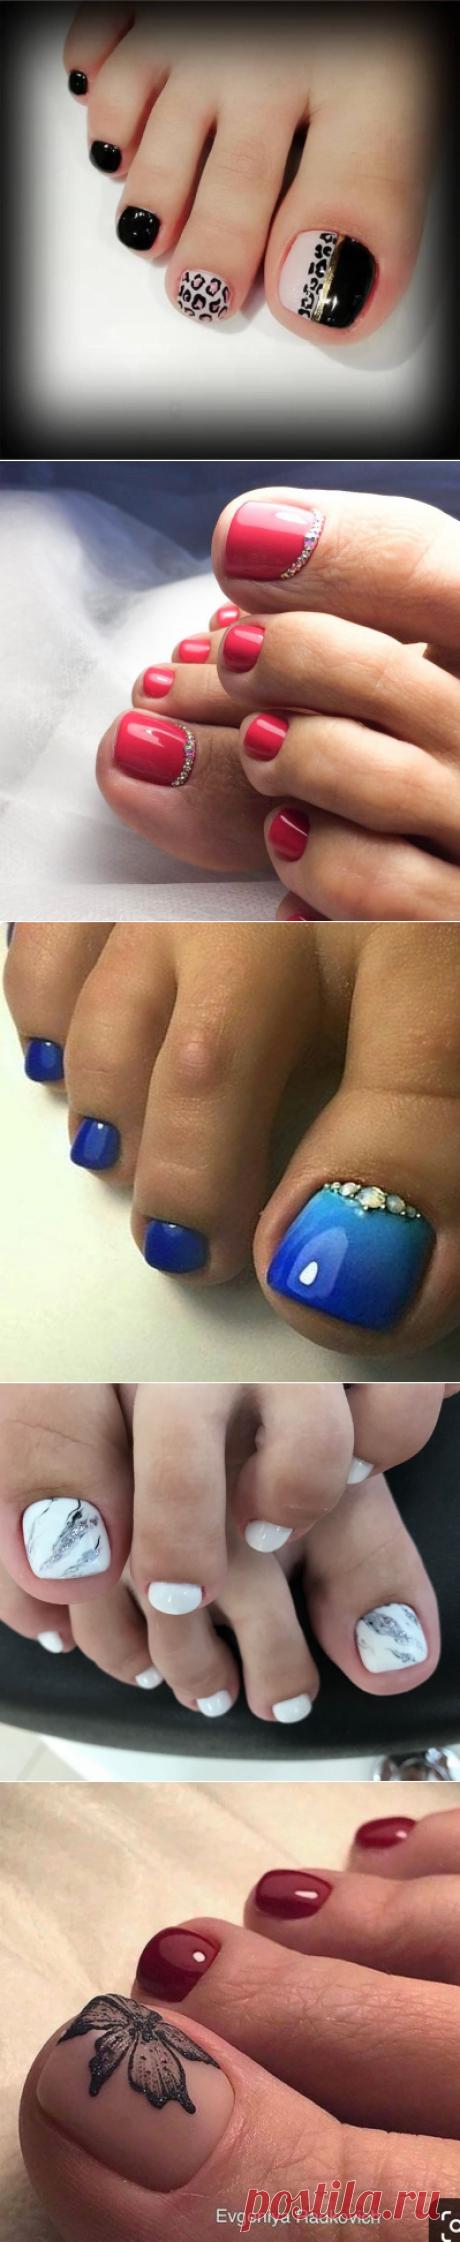 Педикюр на короткие ногти: 30 стильных идей | Новости моды